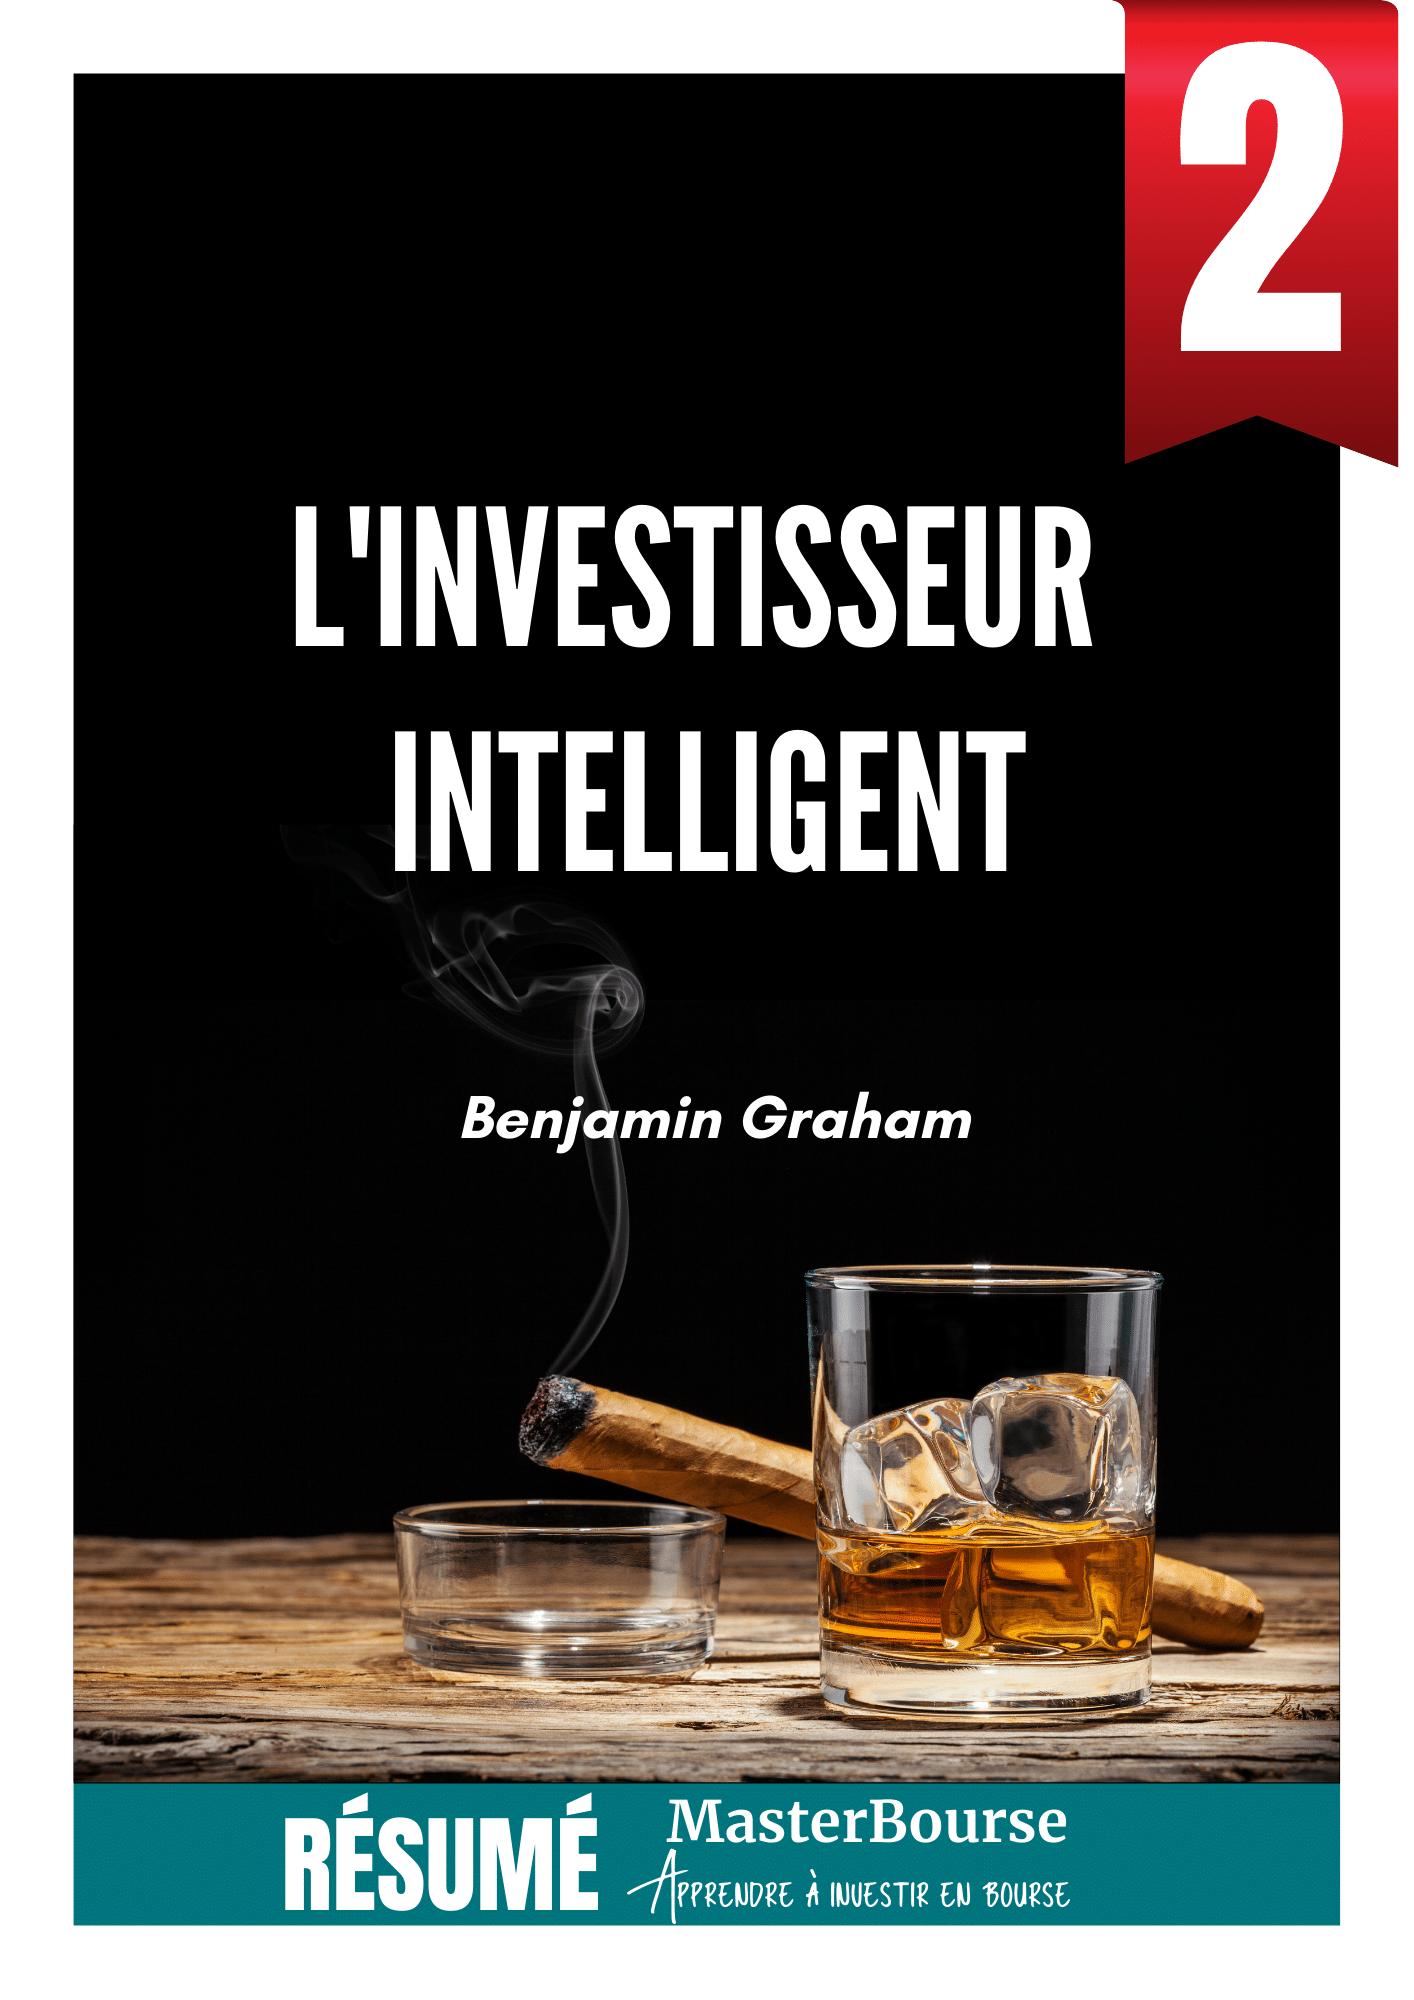 L'investisseur intelligent